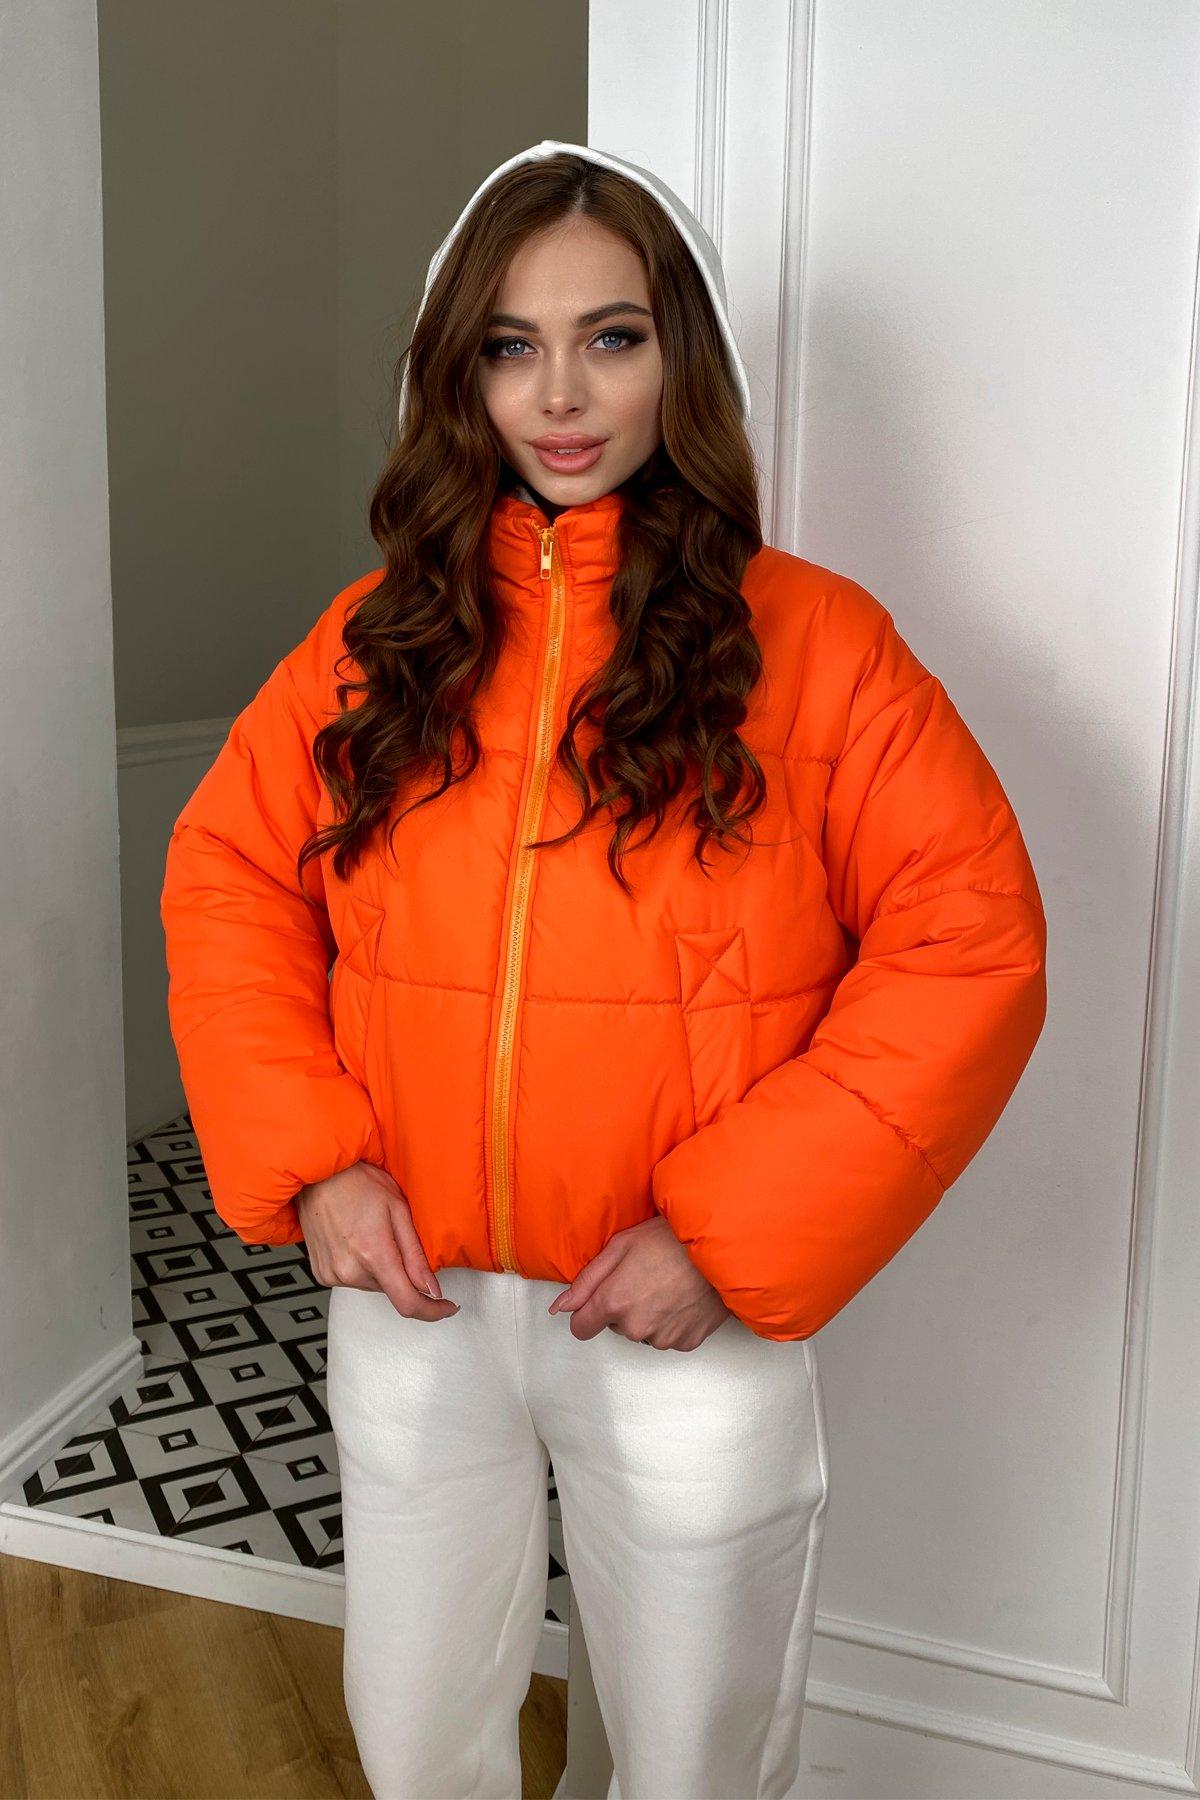 Драйв куртка из плащевой ткани 10448 АРТ. 46766 Цвет: Оранжевый 788 - фото 6, интернет магазин tm-modus.ru